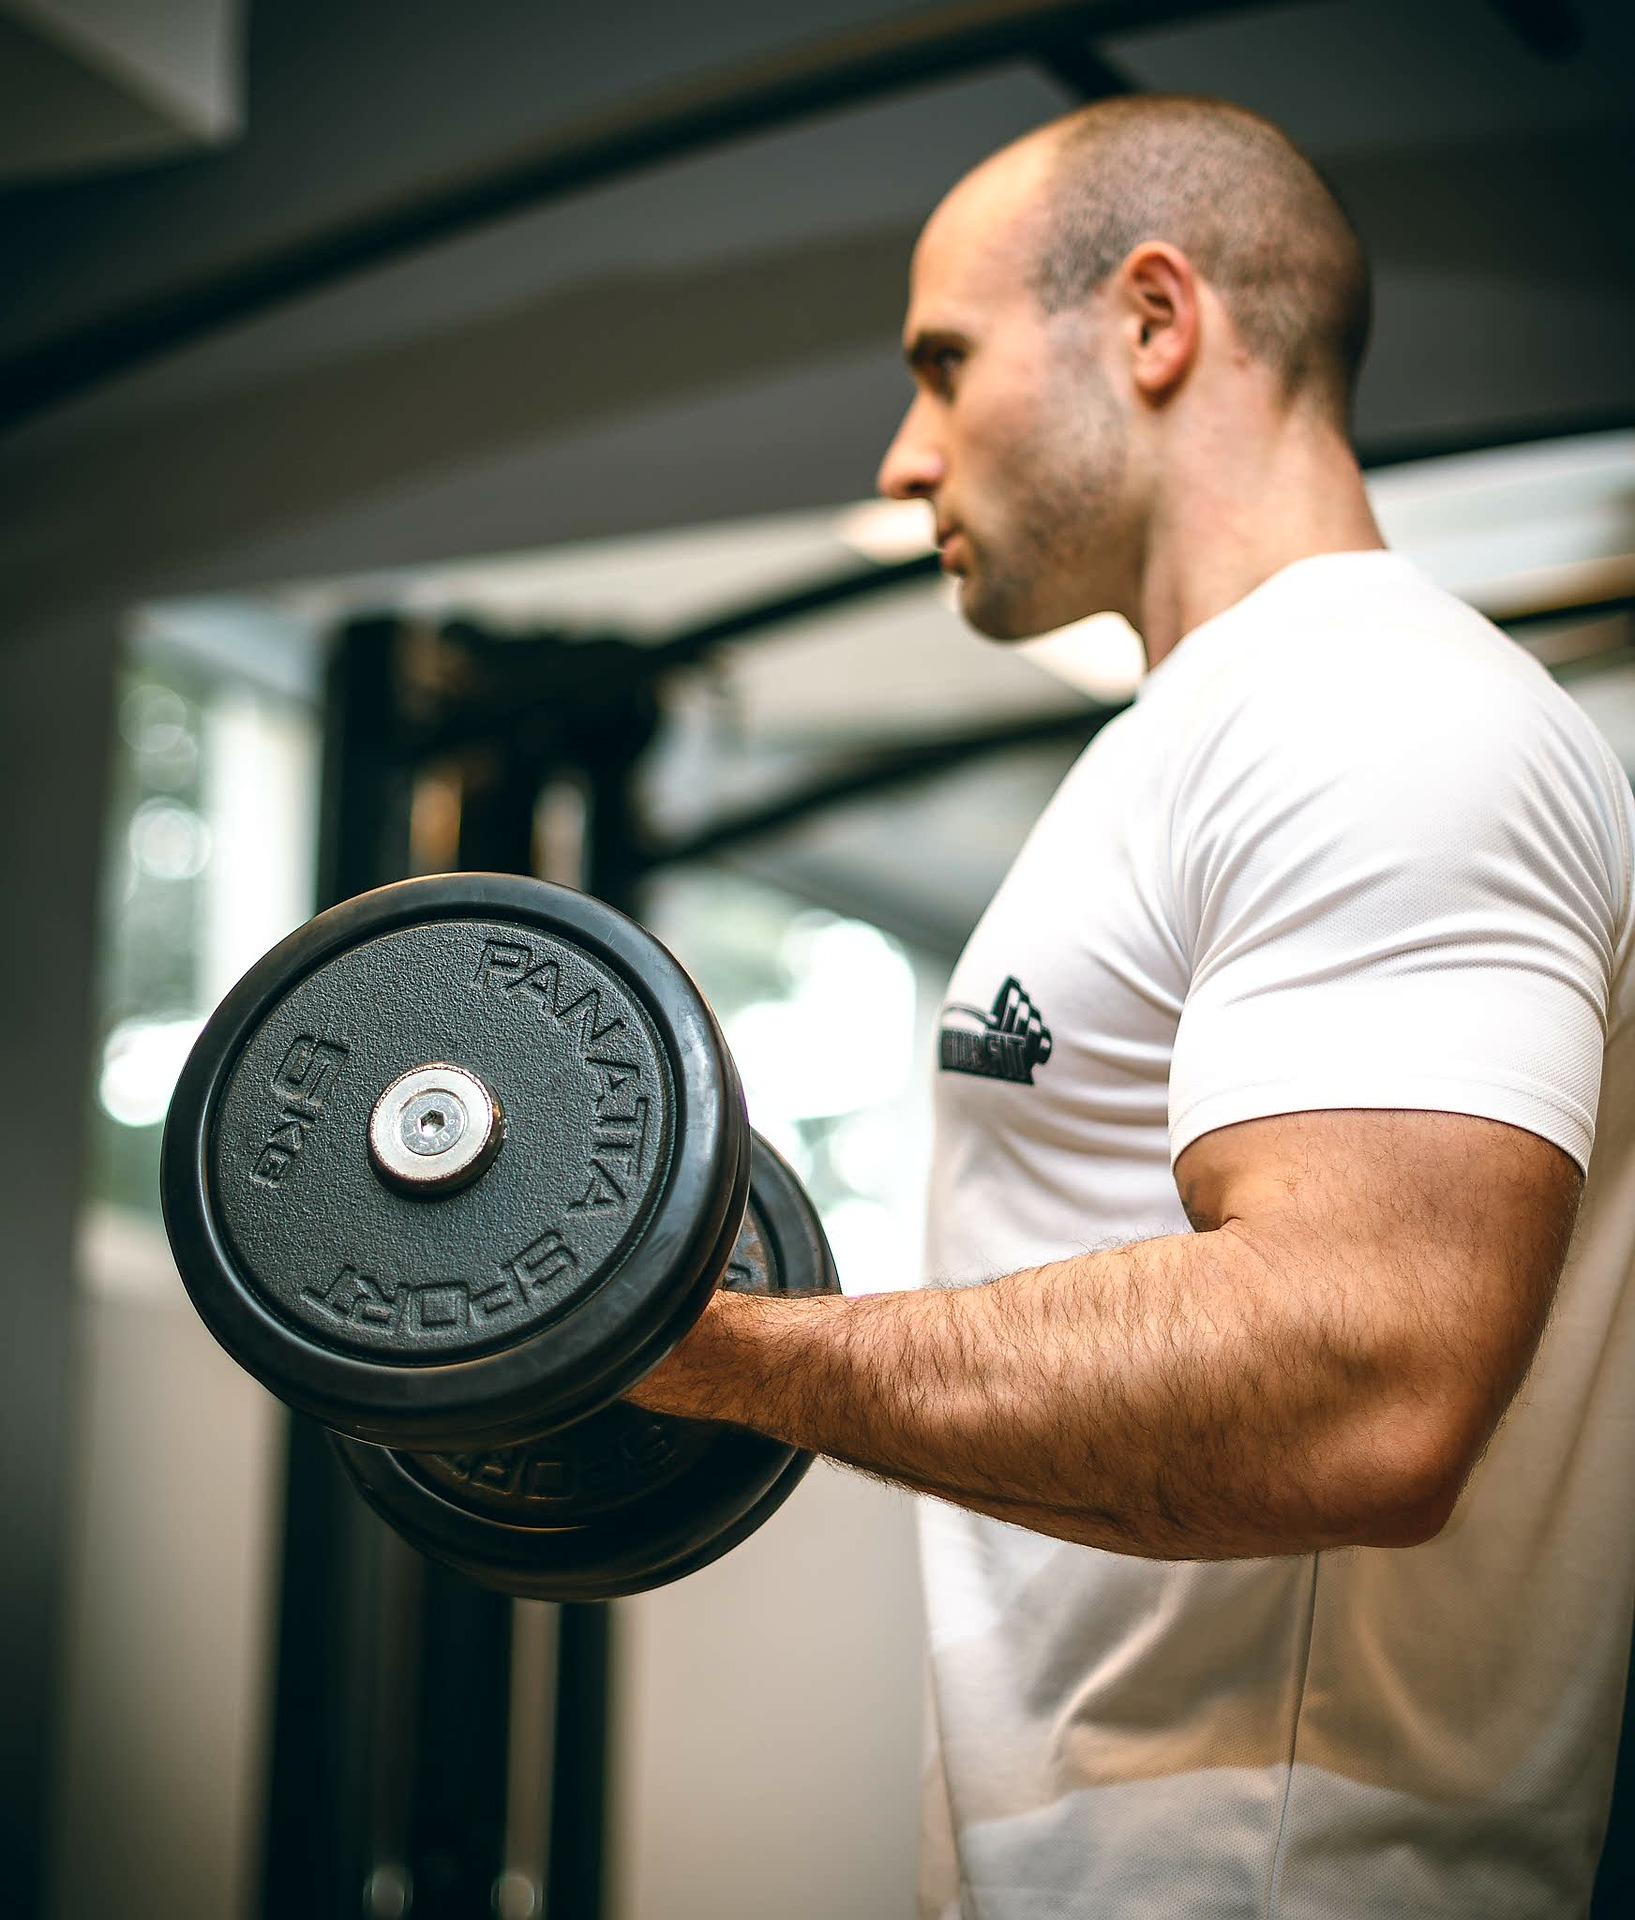 【初心者向け】腕を太くする最適なトレーニング!「トライセプスキックバック」のやり方!